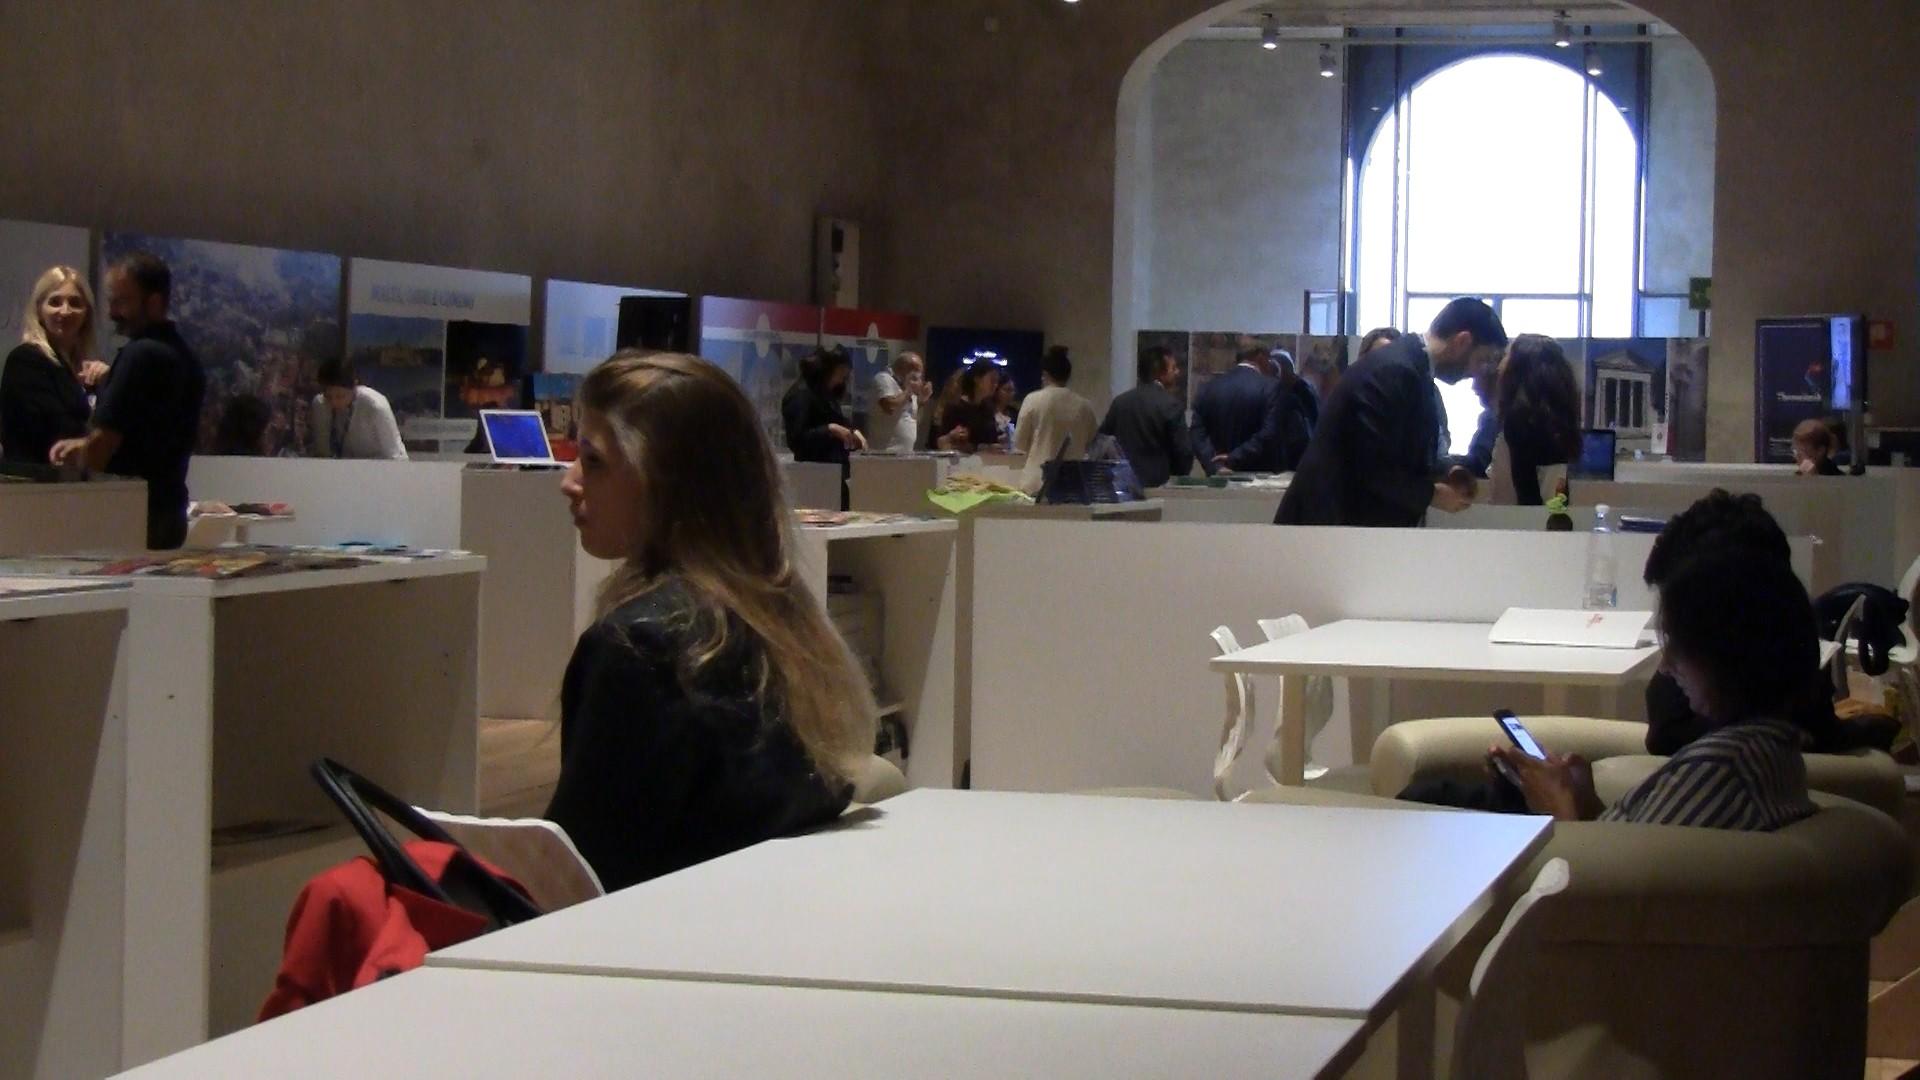 Il World Tourism Event fa flop: pochissimi visitatori e il comitato critica gli organizzatori locali – L'INTERVISTA